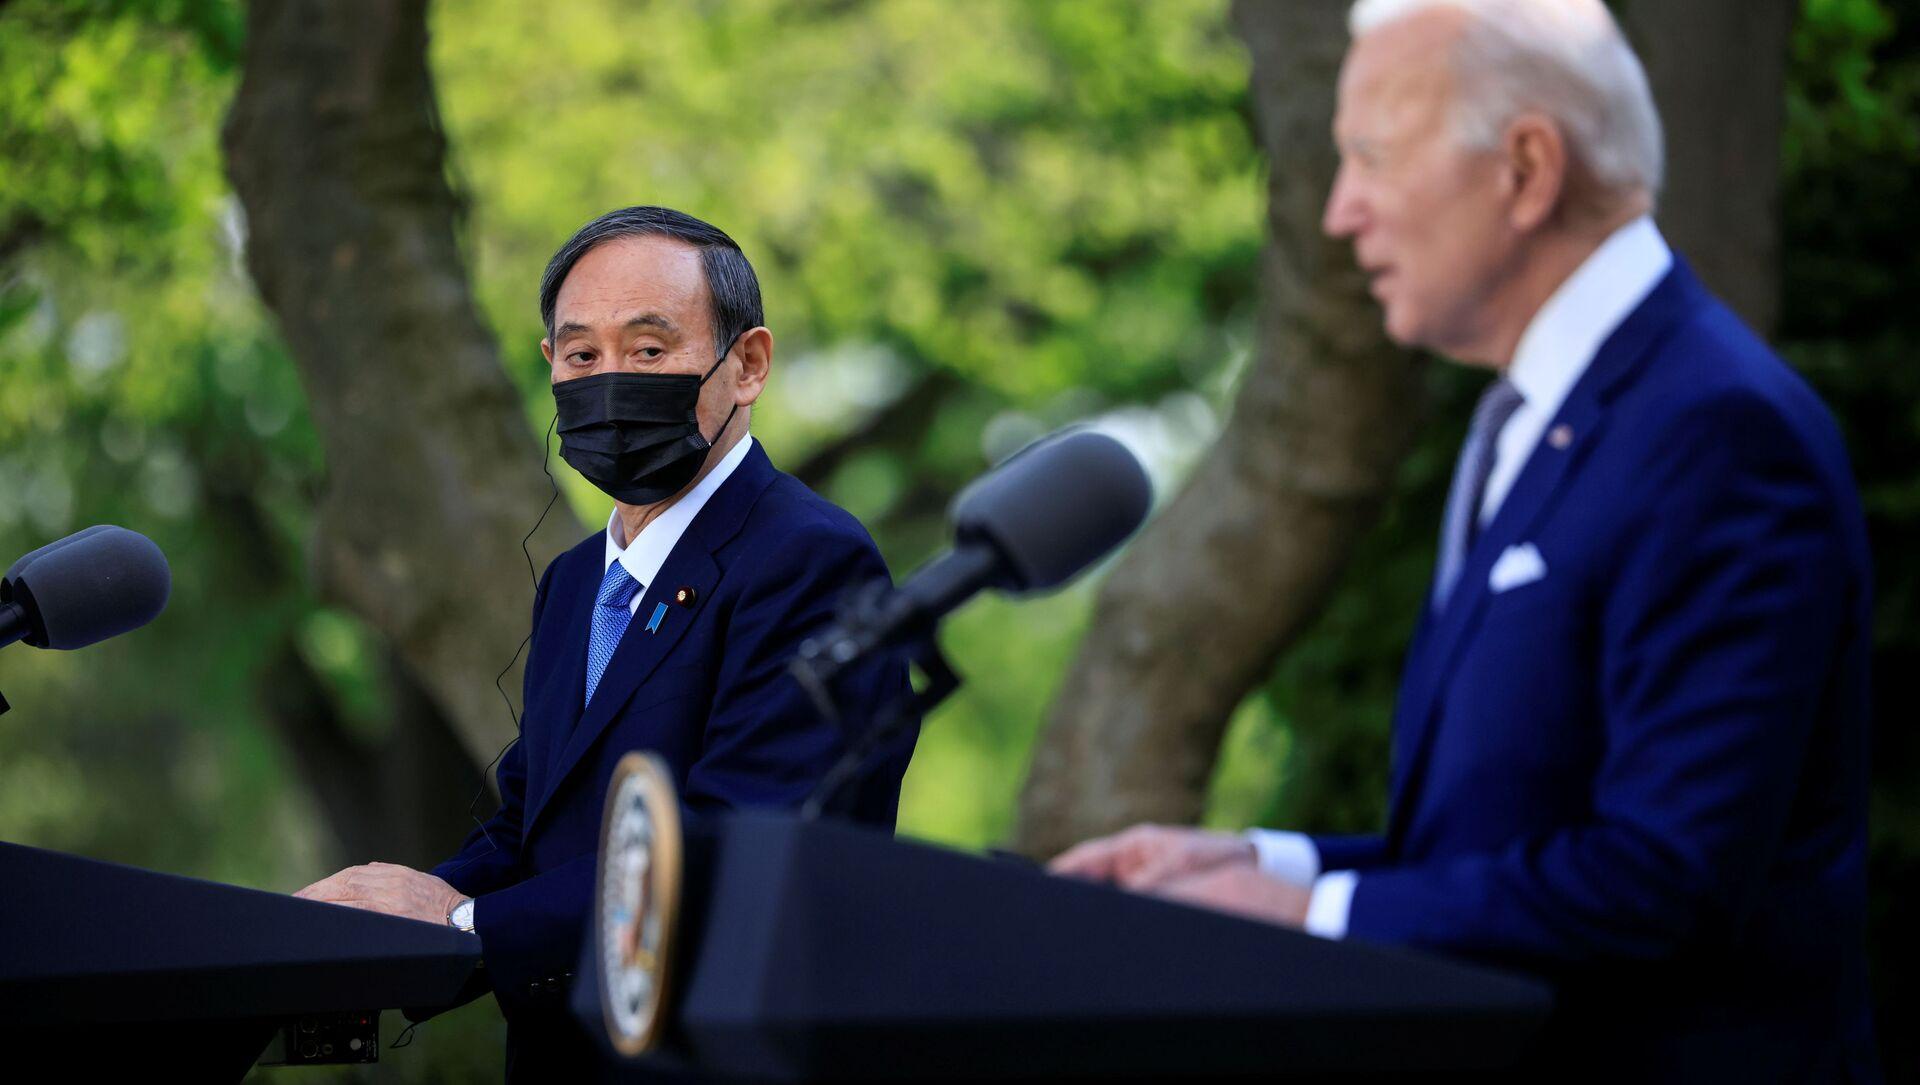 Tổng thống Hoa Kỳ Joe Biden và Thủ tướng Nhật Bản Yoshihide Suga. - Sputnik Việt Nam, 1920, 17.04.2021